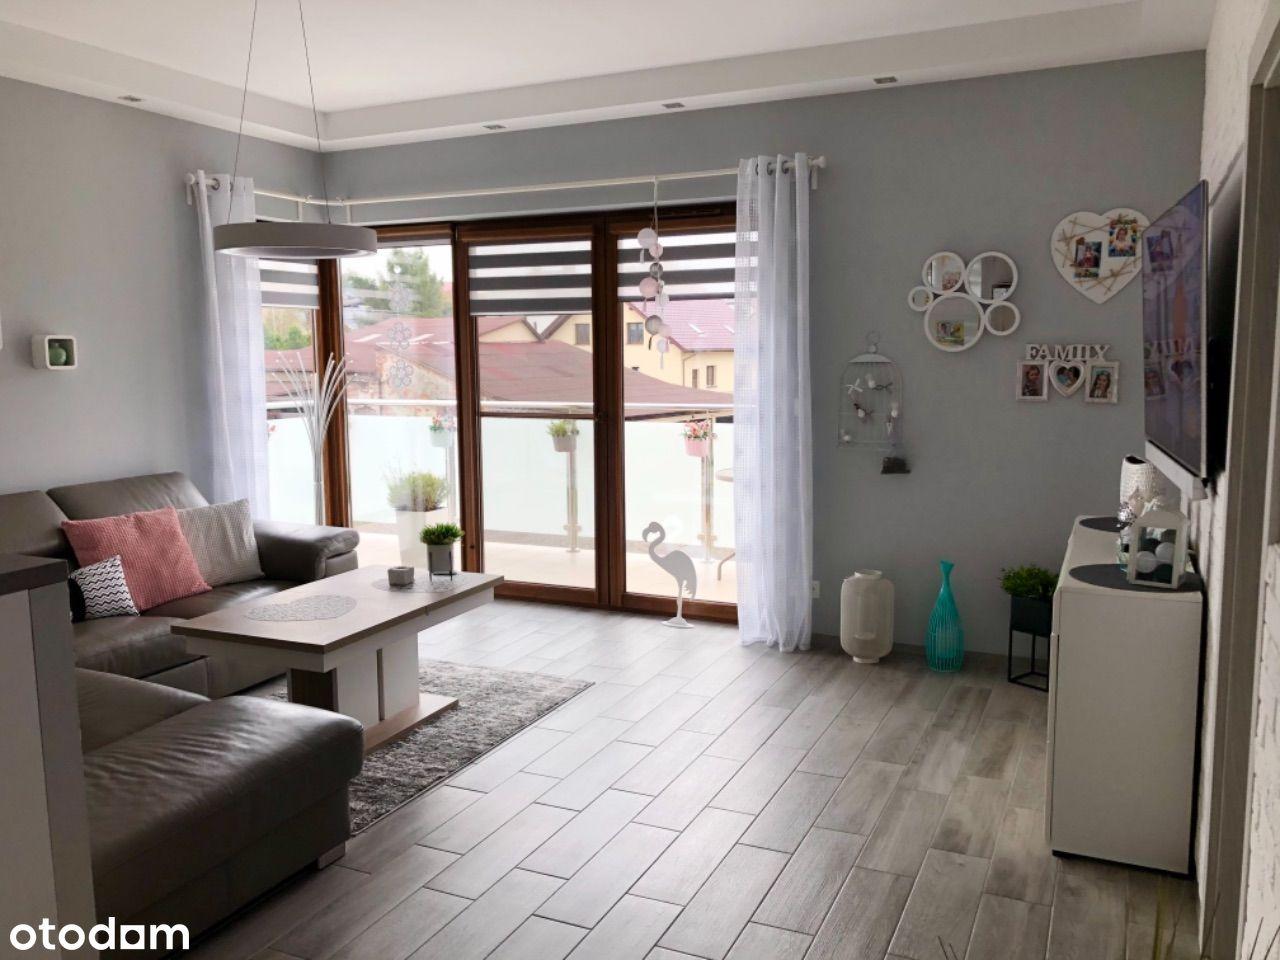 Luksusowy Apartament Jastrzębie dzielnica Zdrój